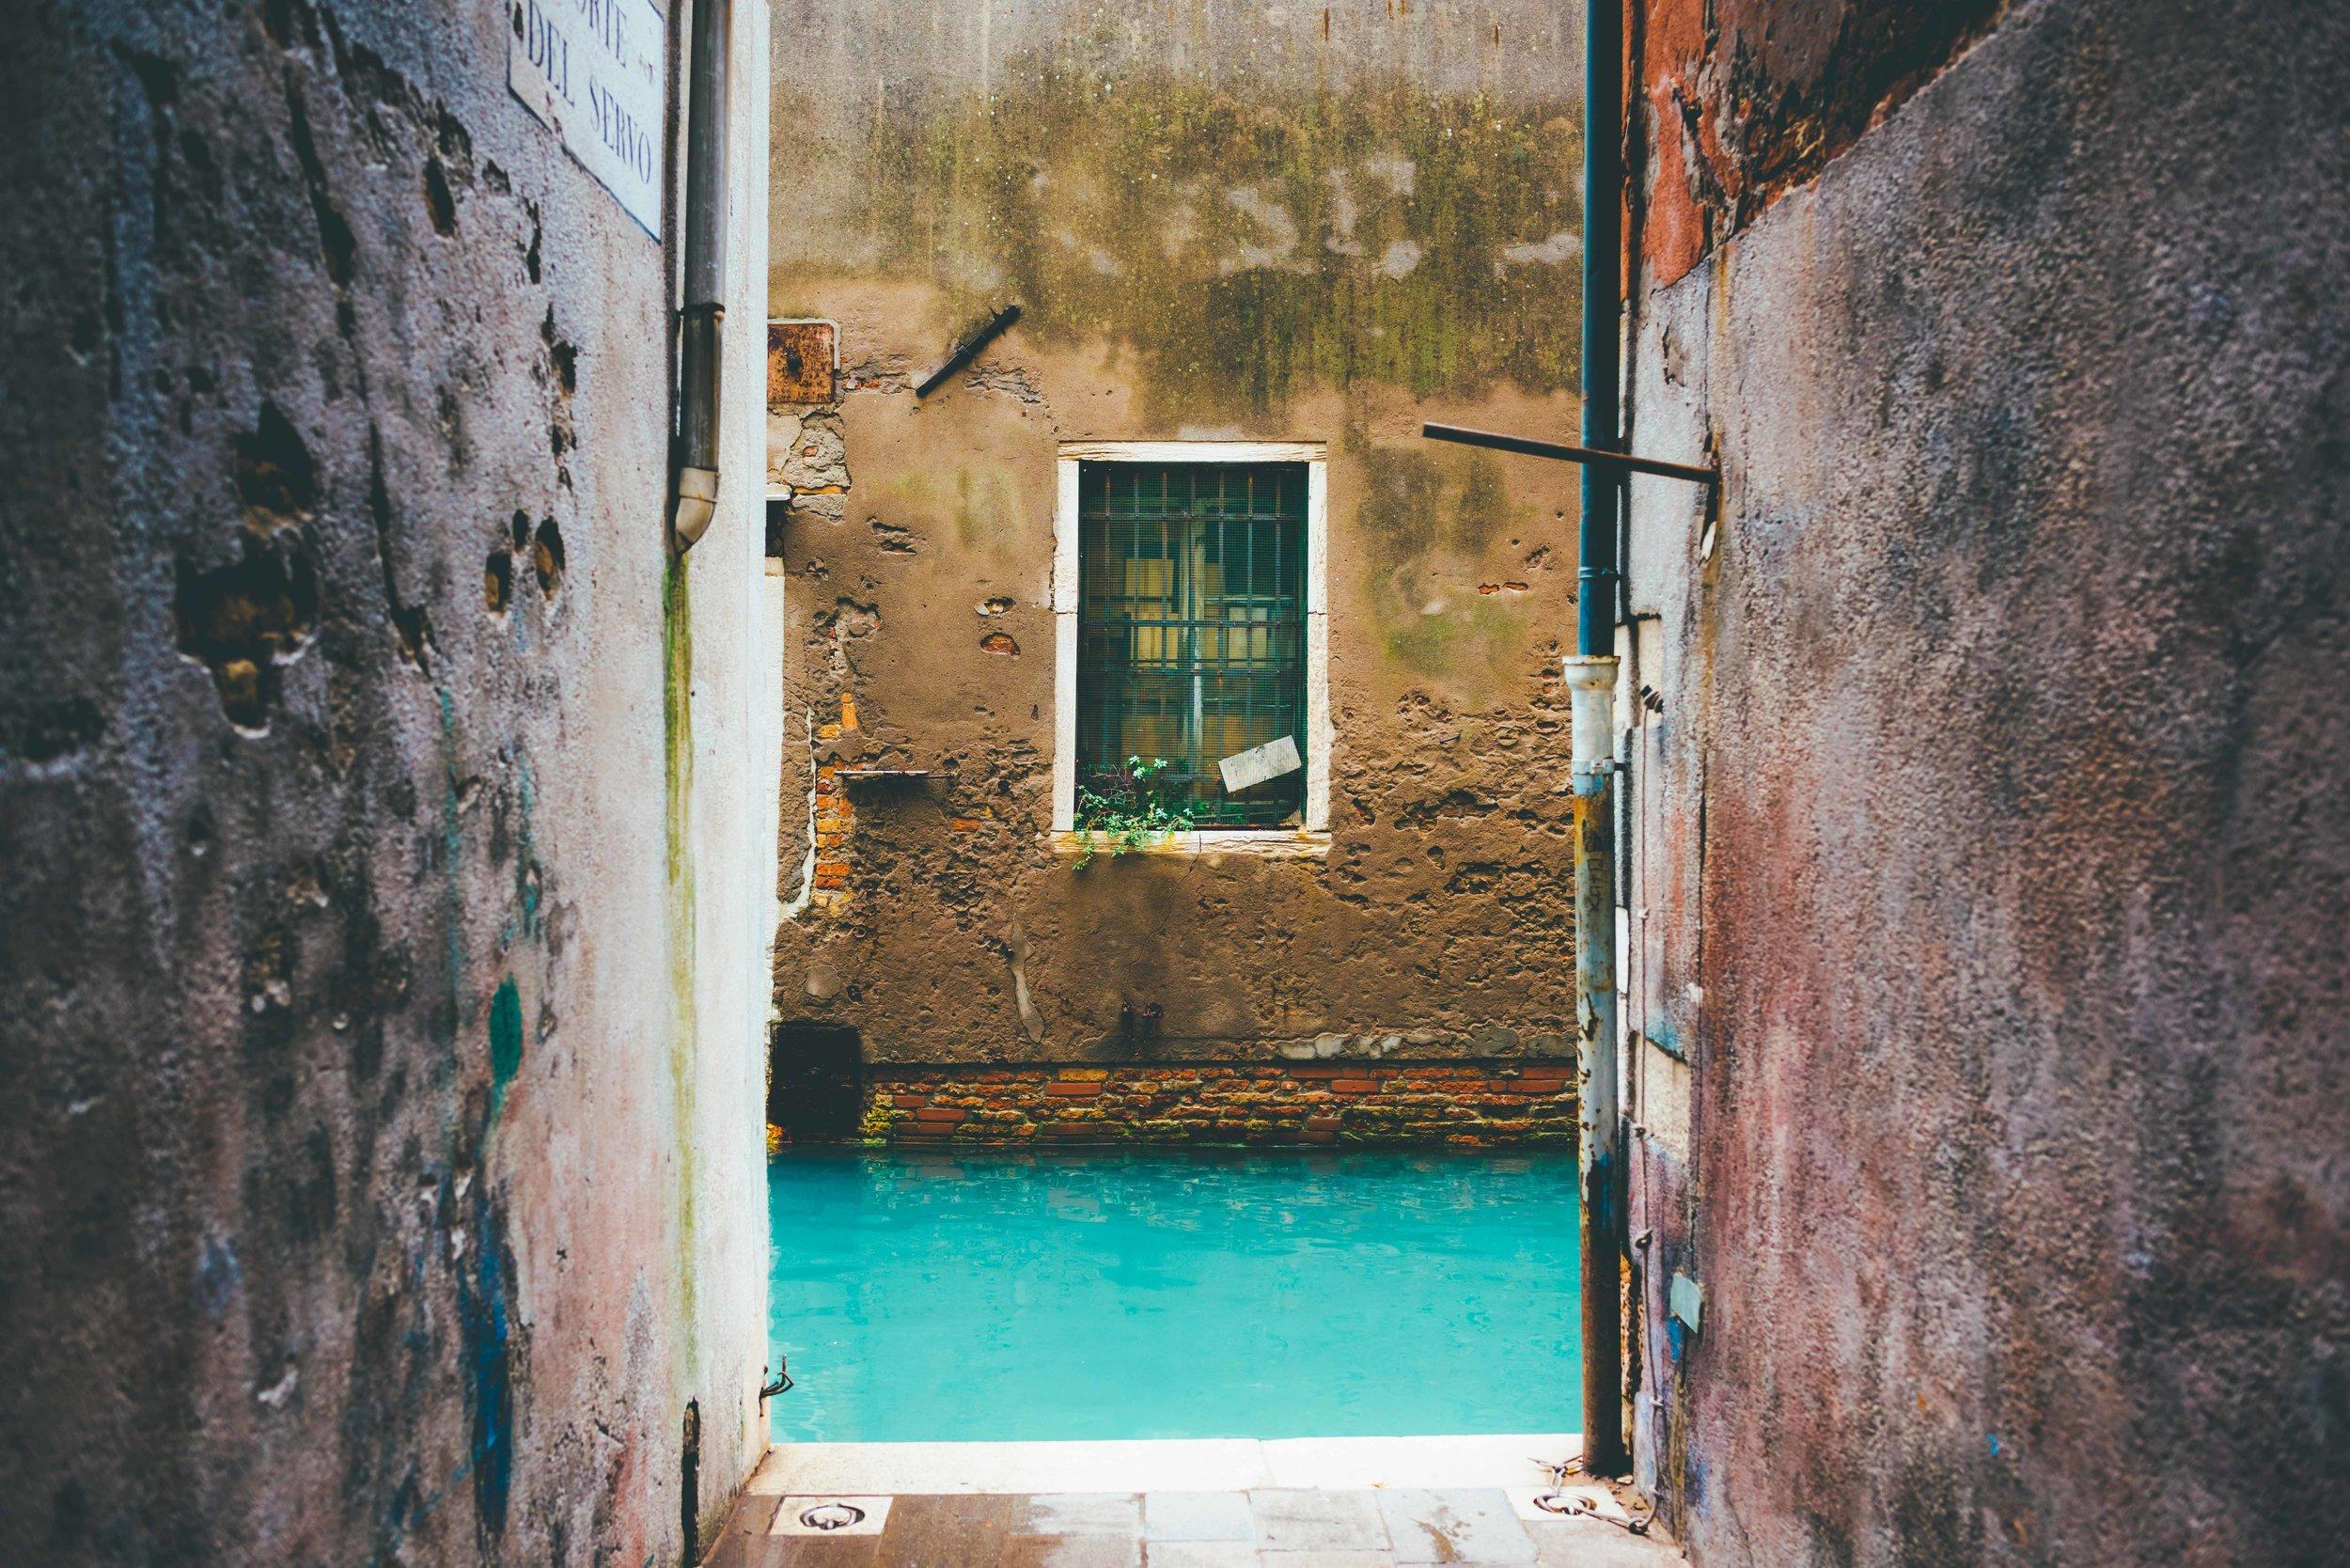 8_09-02-16 carnevale venezia-105.jpg